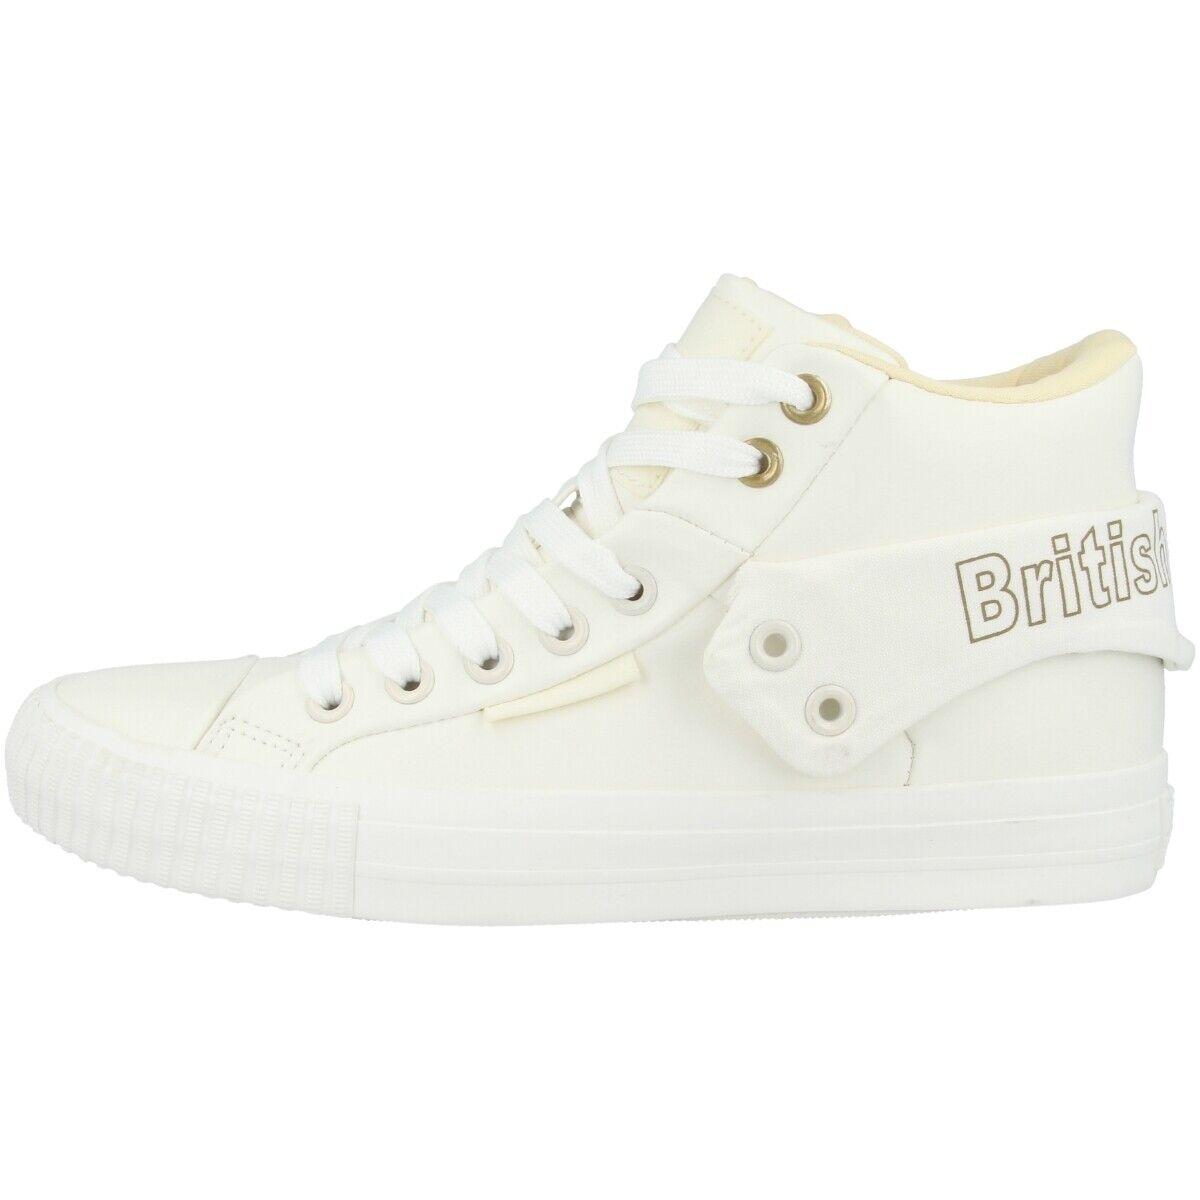 British Knights Roco Snt chaussures BK femmes Baskets Top Mid bottes B42-3719-06